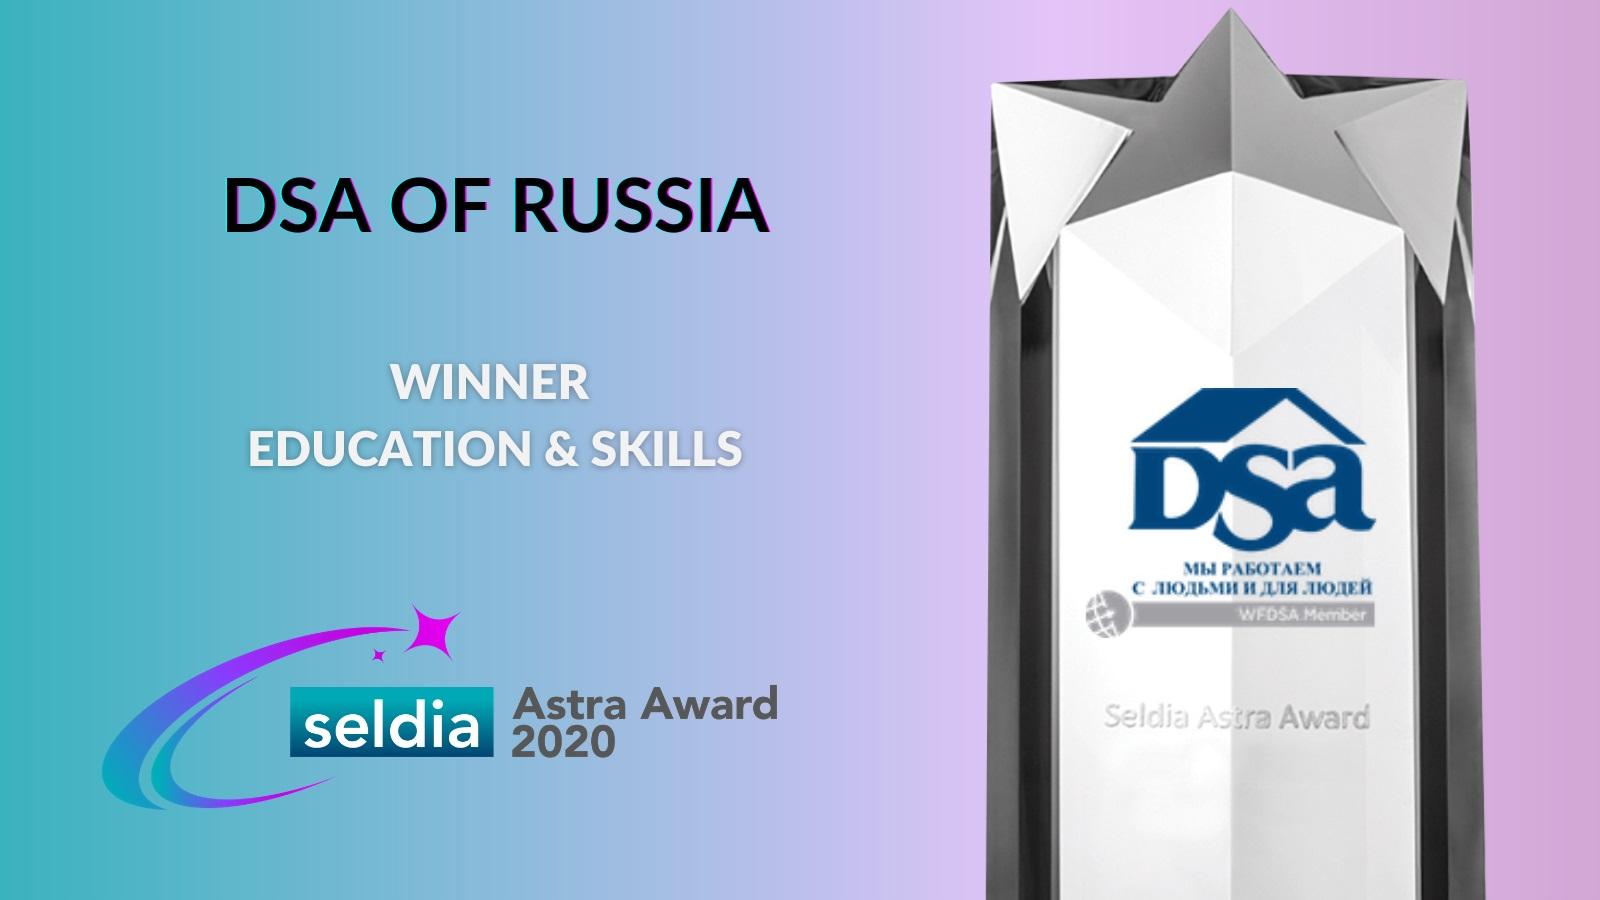 Российская Ассоциация прямых продаж - победитель конкурса  Astra Awards Seldia.